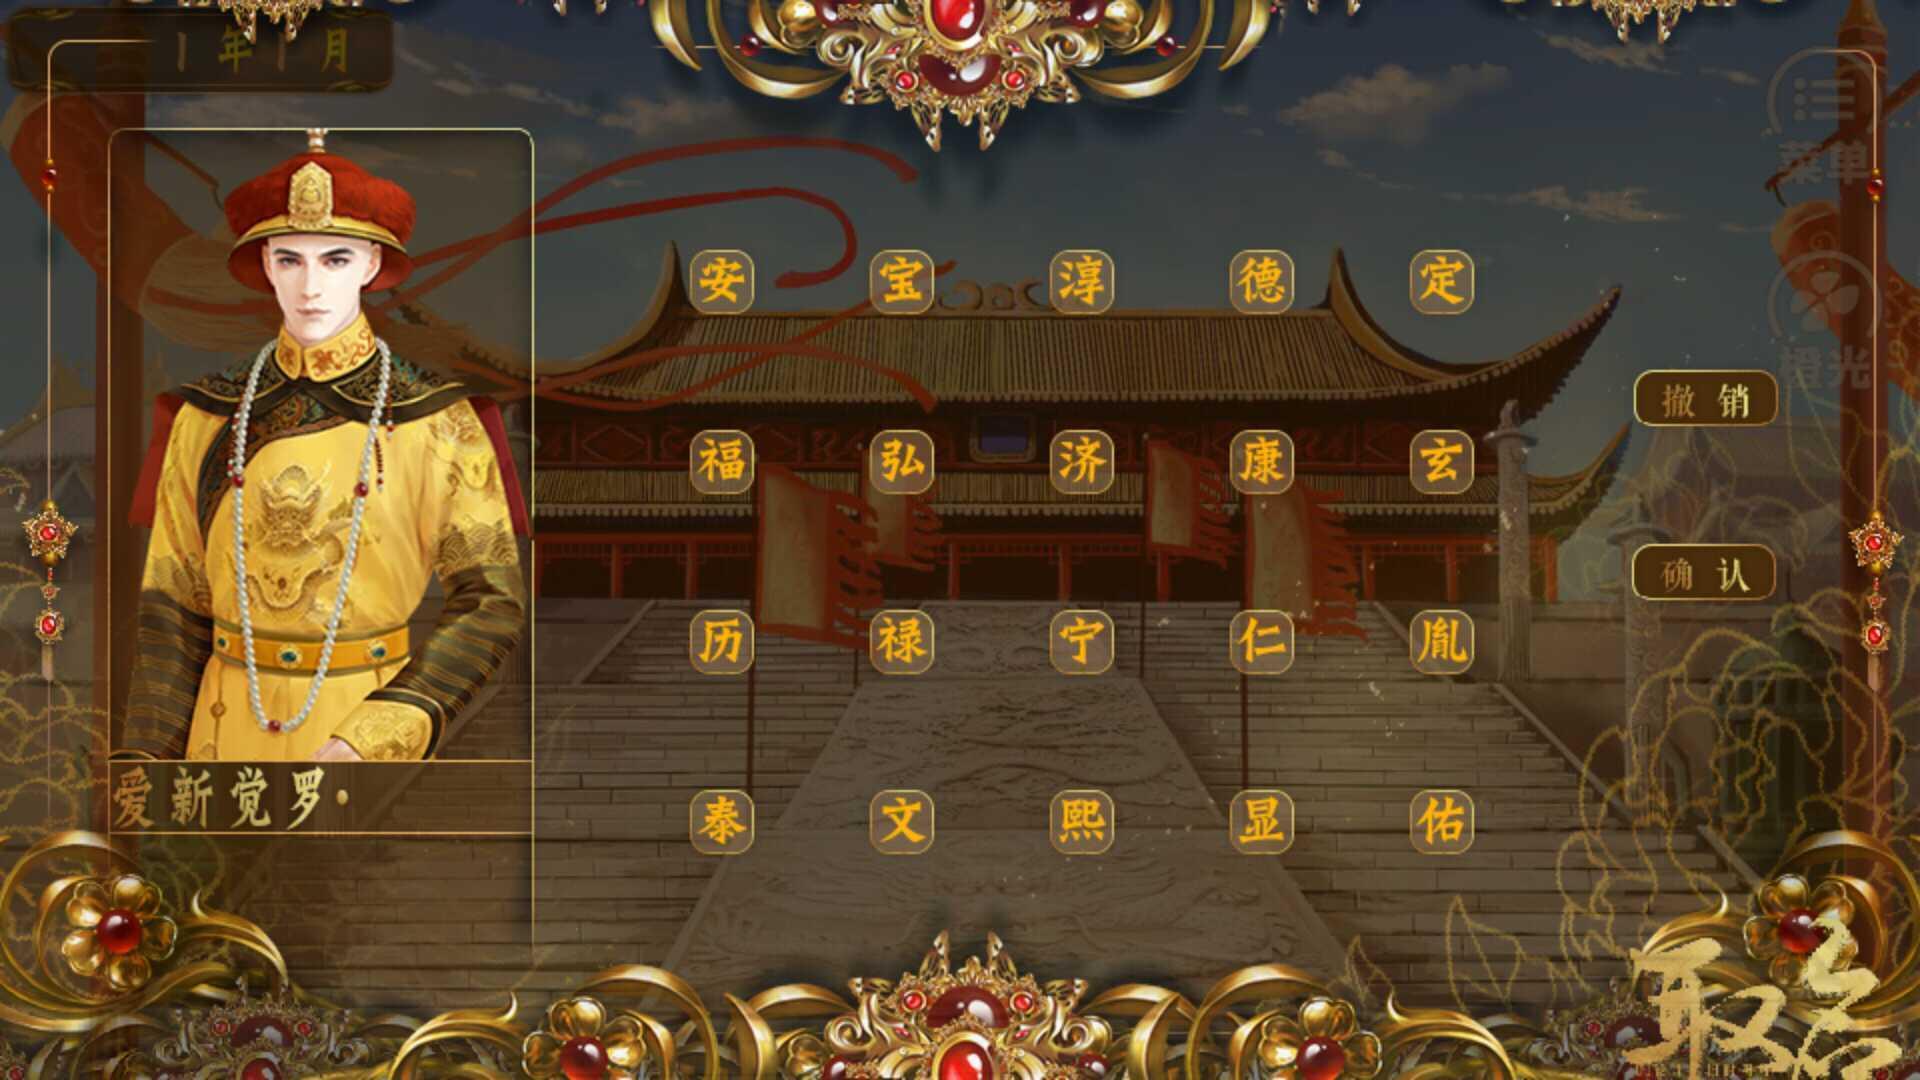 皇帝之大清后宫破解版图2